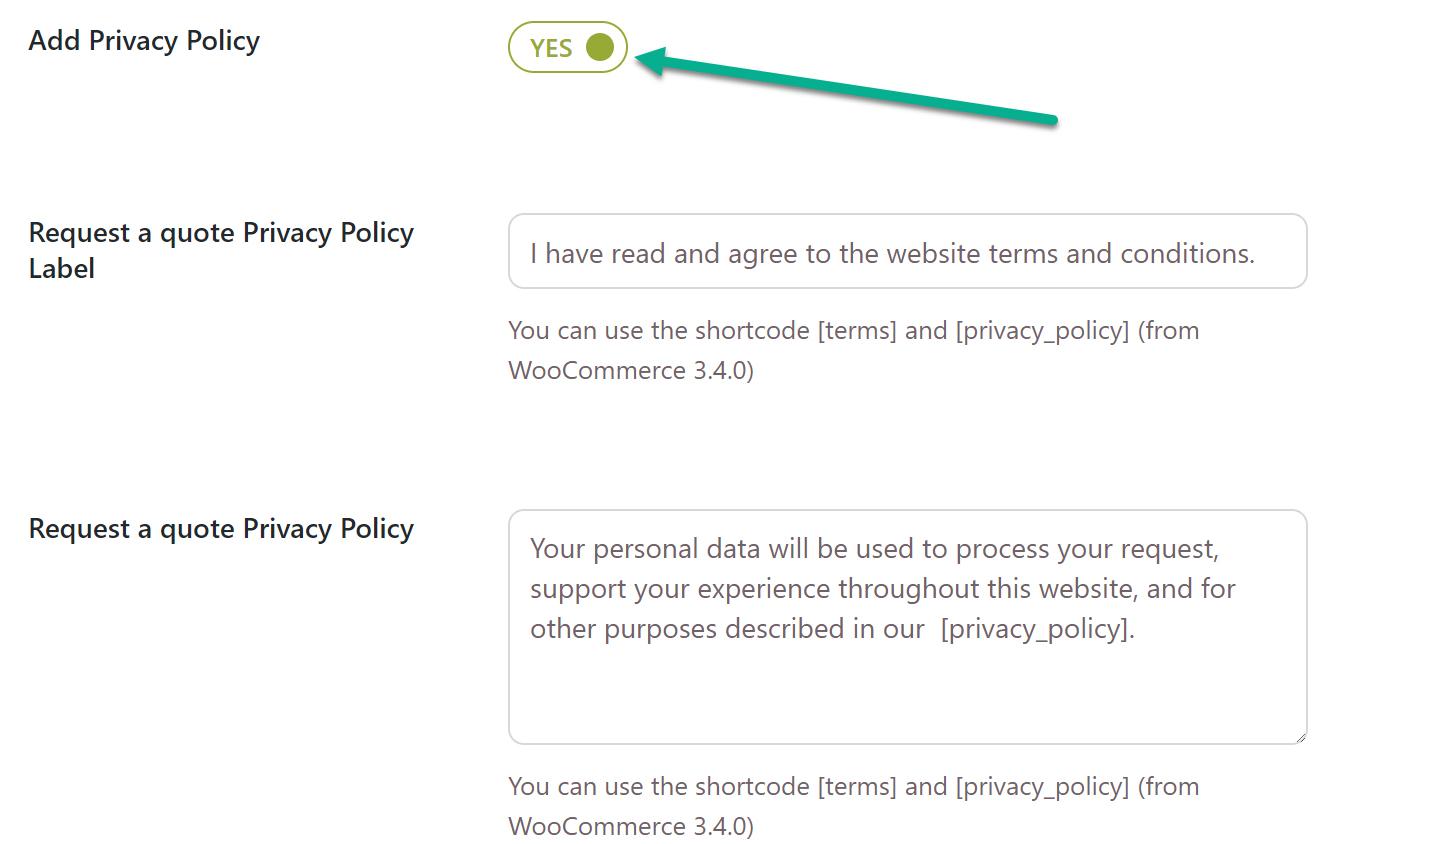 adicionar política de privacidade